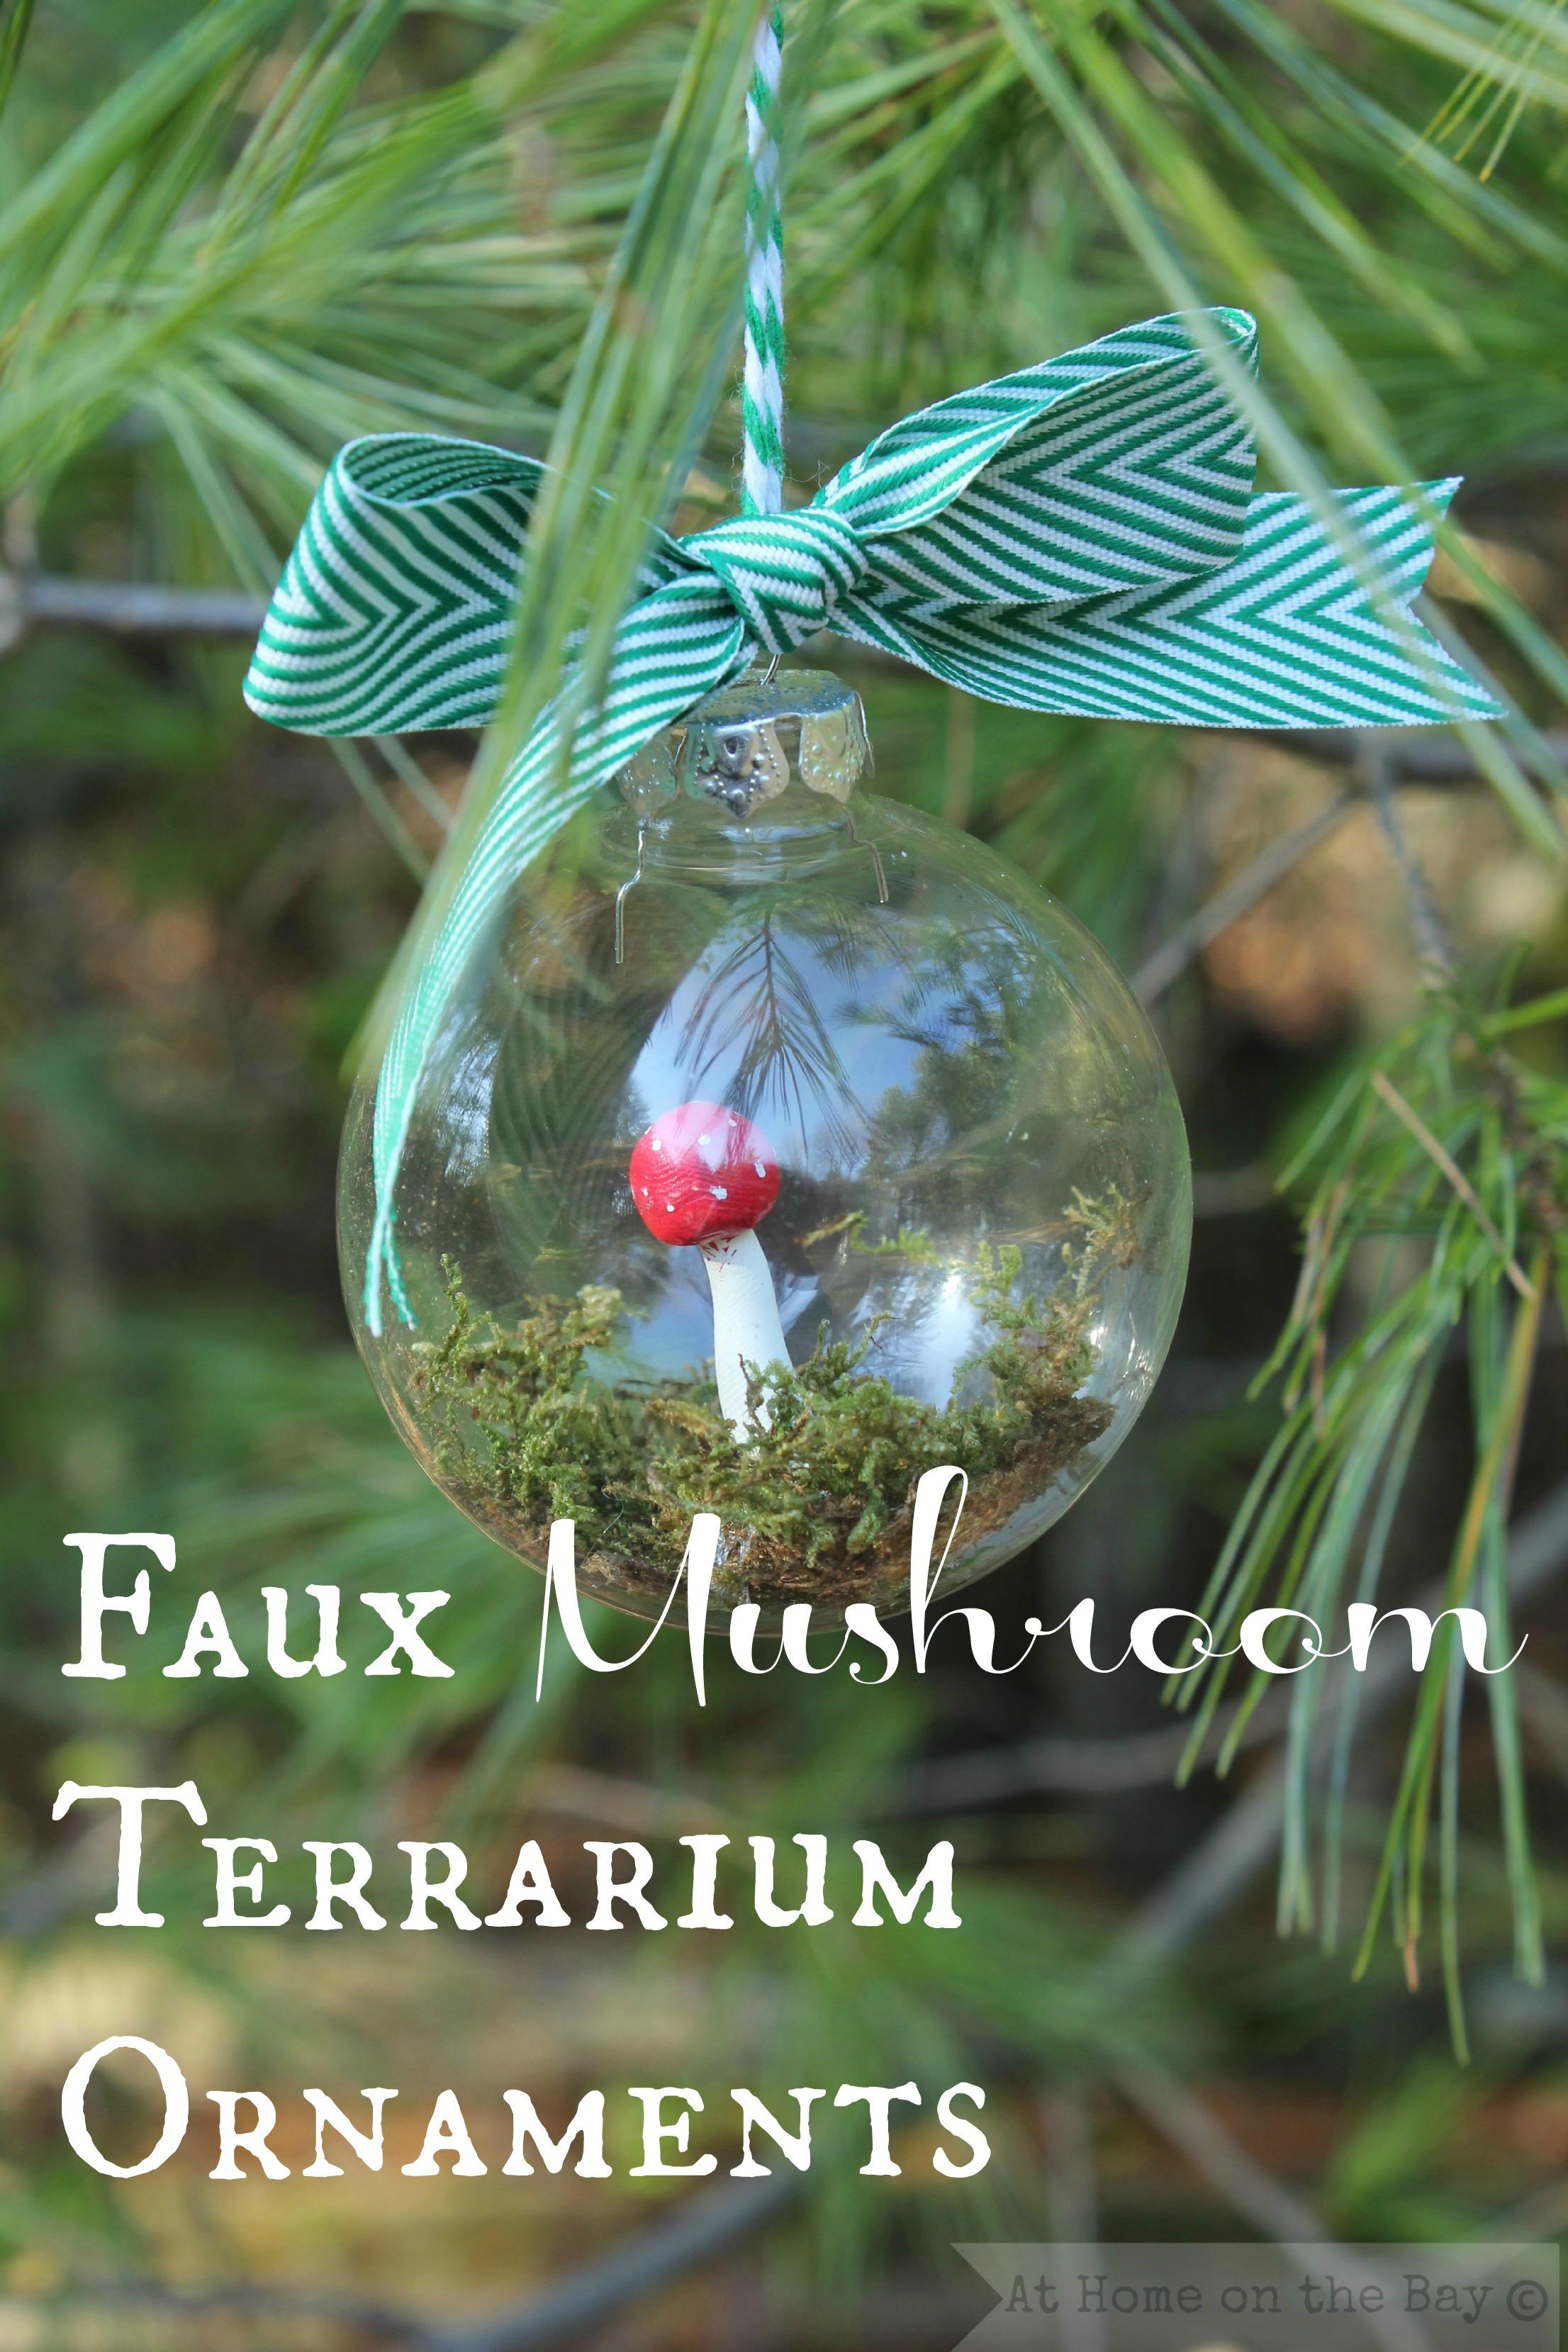 Faux Mushroom Terrarium Ornaments